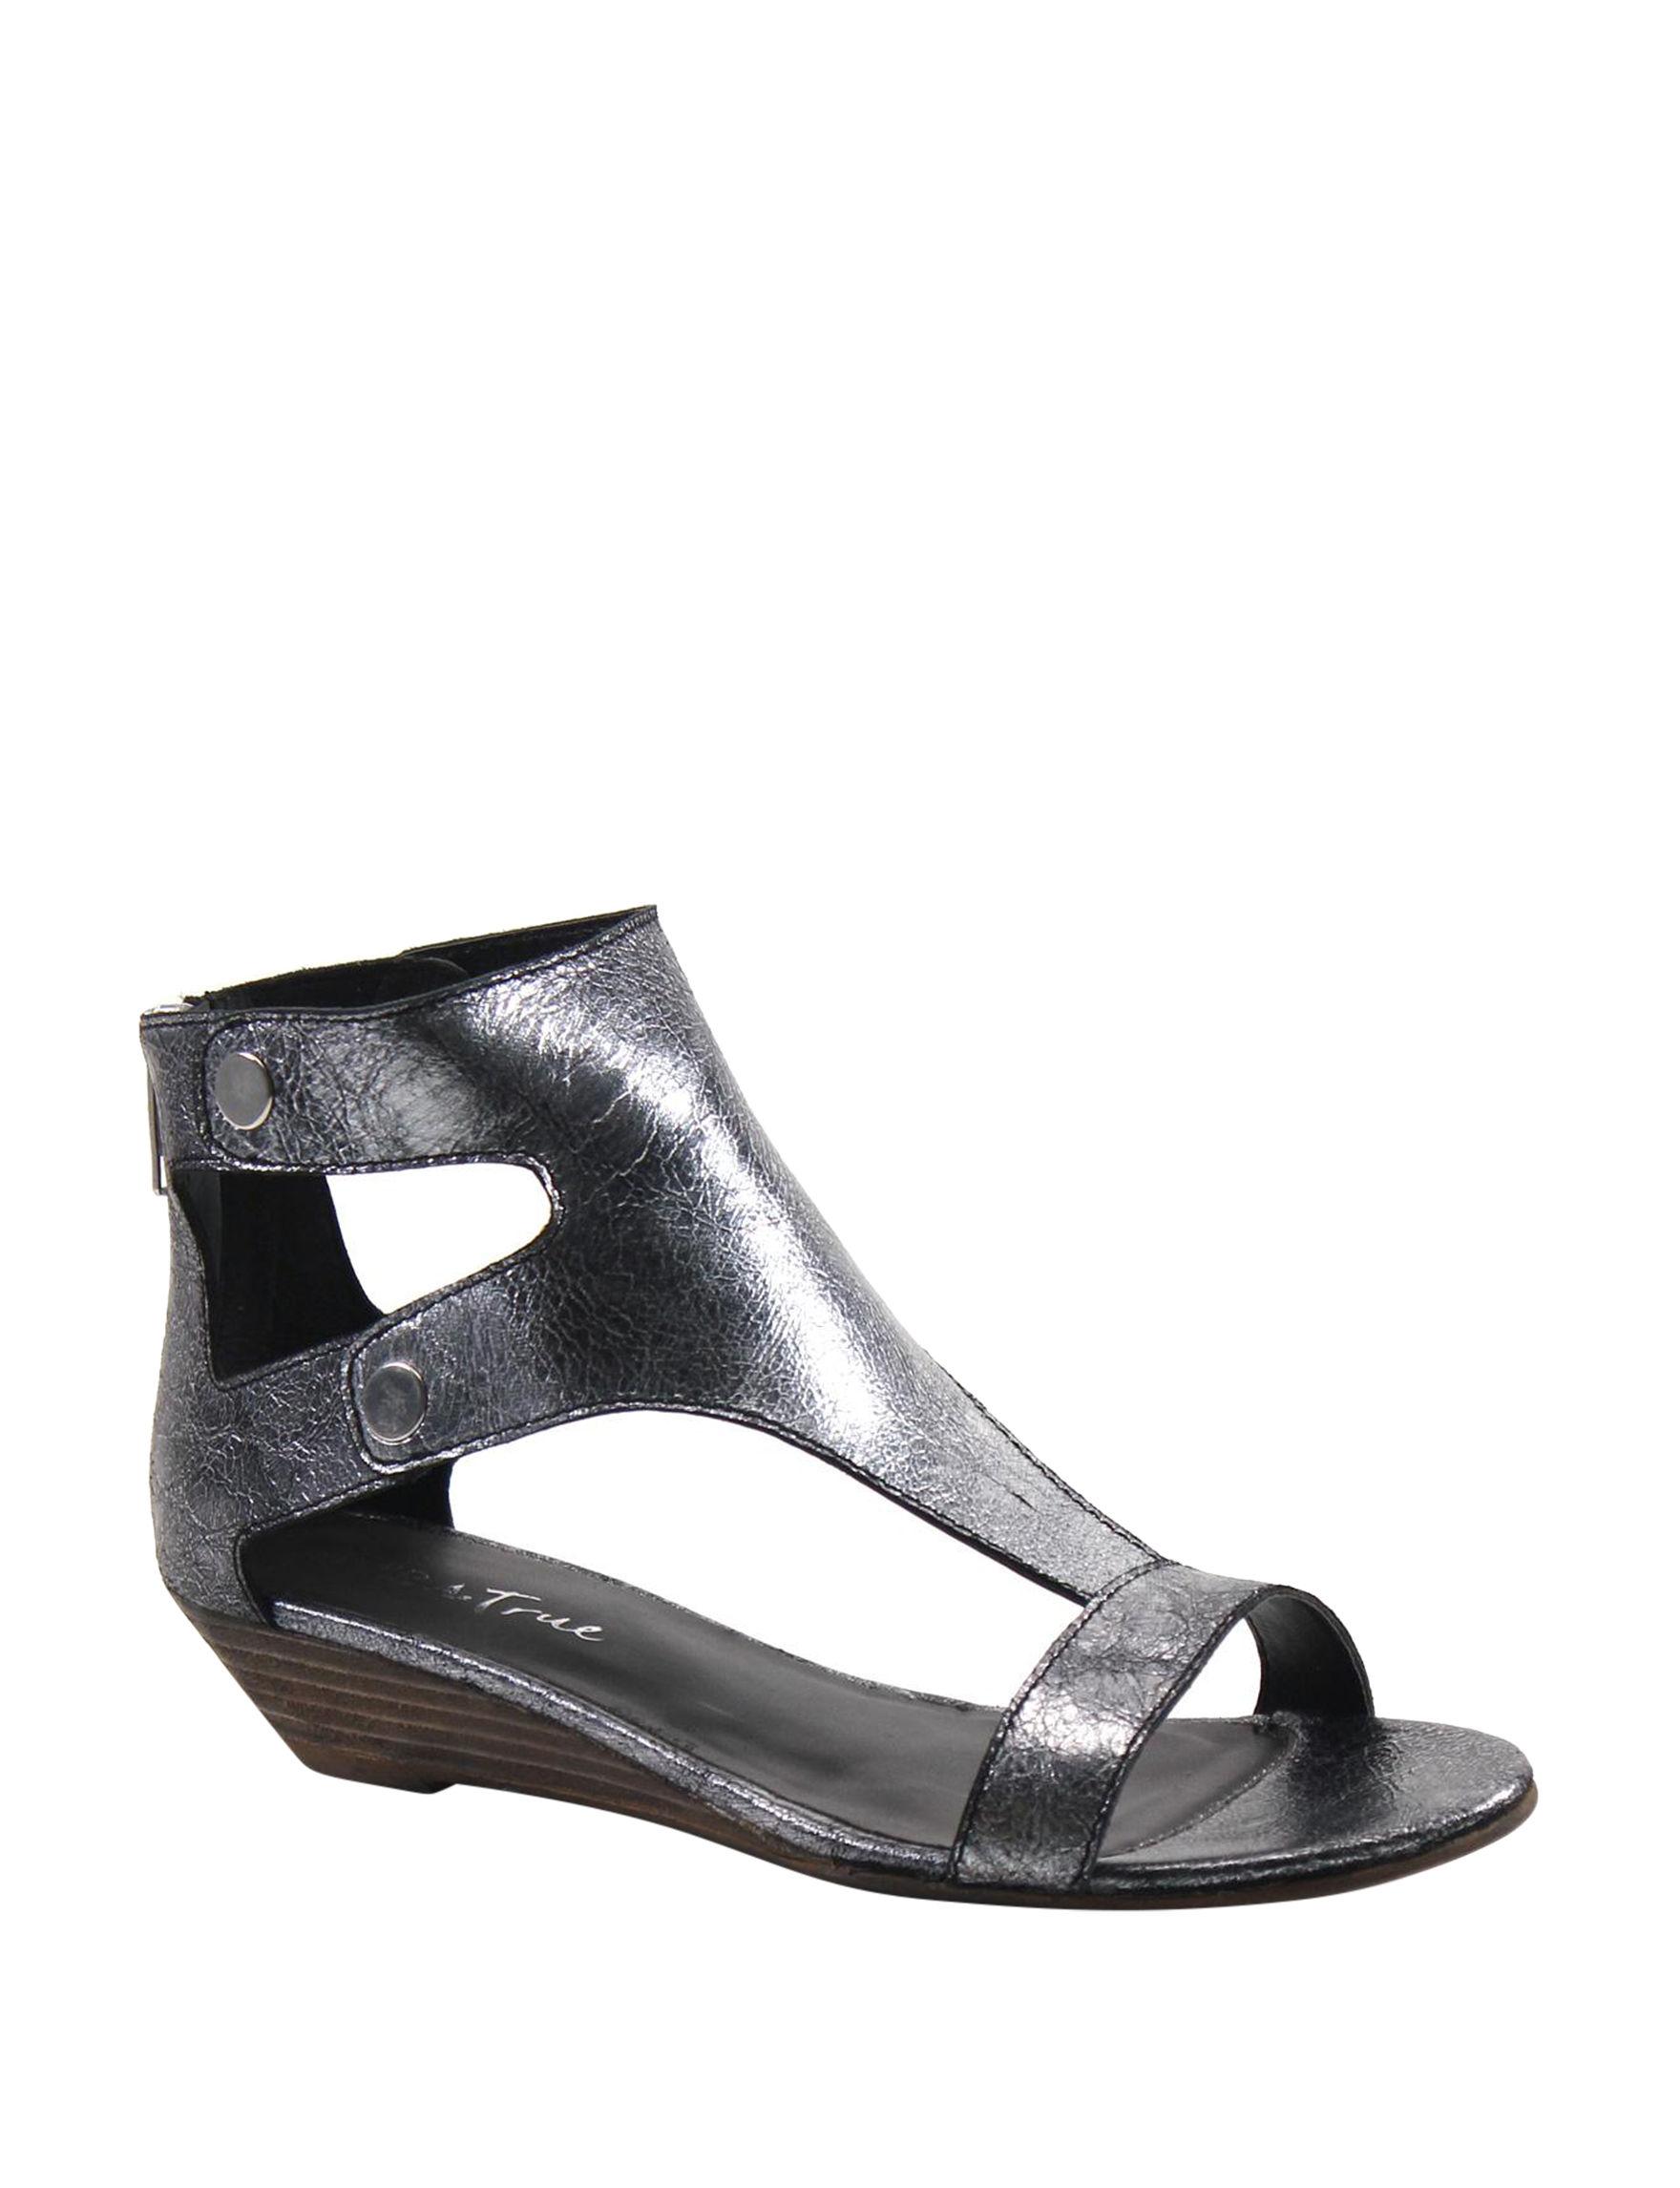 Diba True Pewter Wedge Sandals